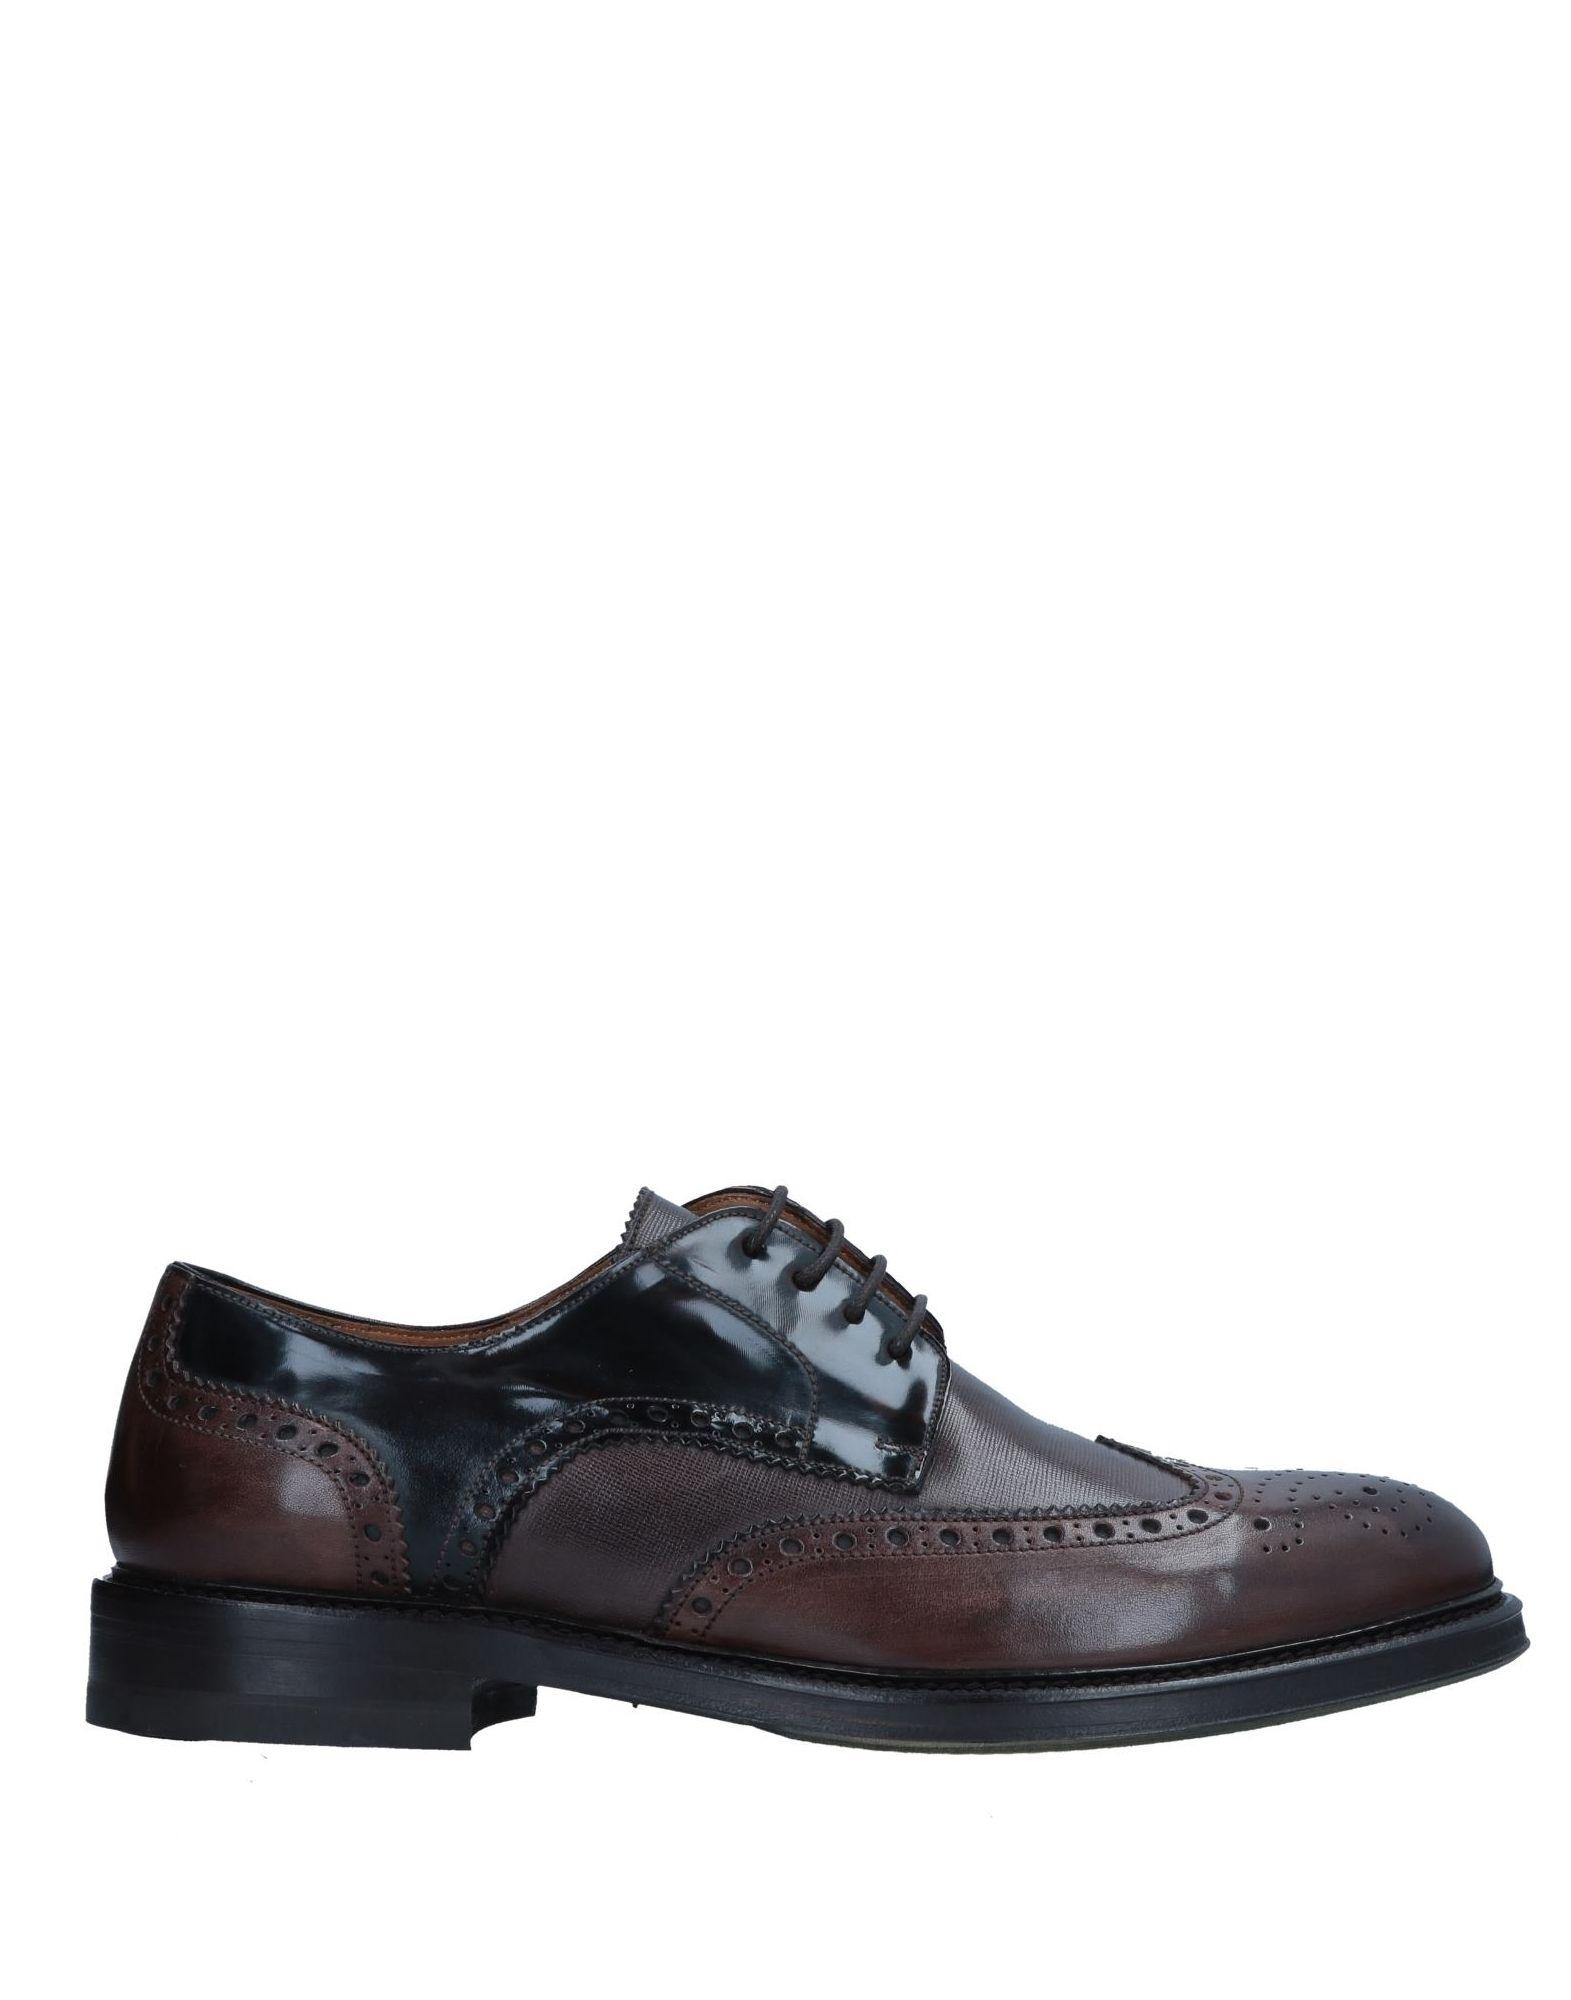 Fradi Schnürschuhe Herren  11545427UU Gute Qualität beliebte Schuhe